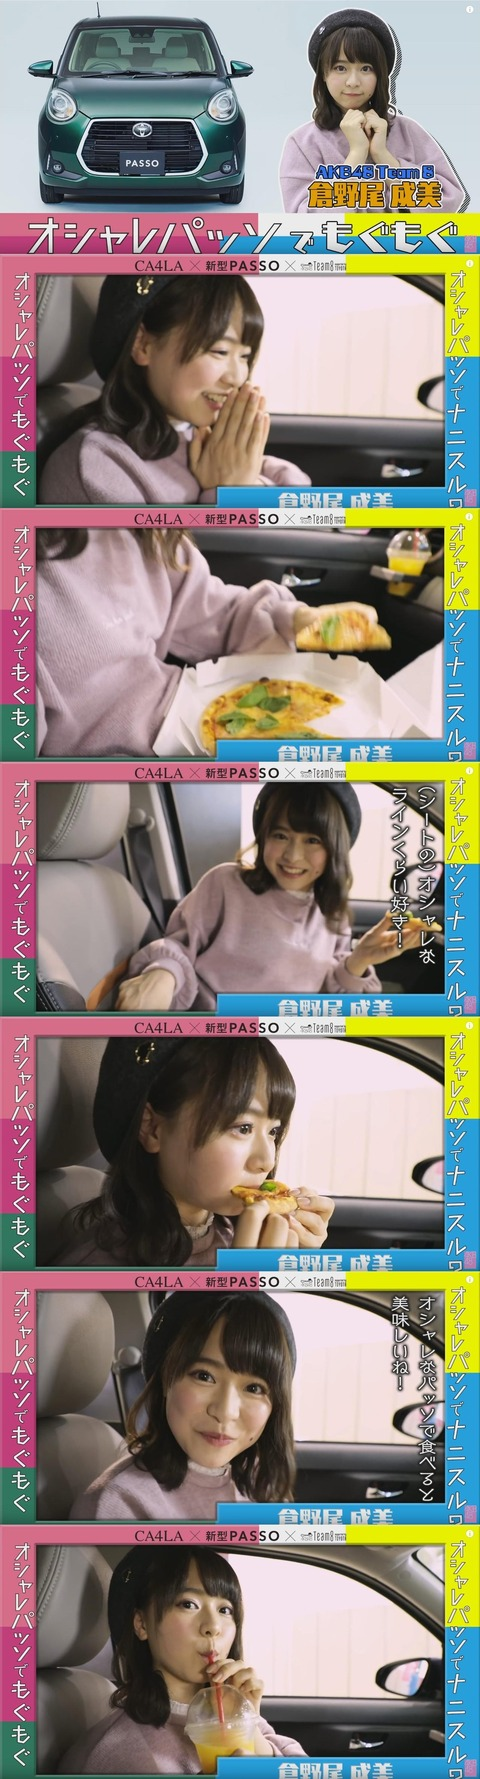 【悲報】チーム8倉野尾成美さん車にピサ一枚を丸ごと持ち込み車内飲食禁止マンを煽るwww